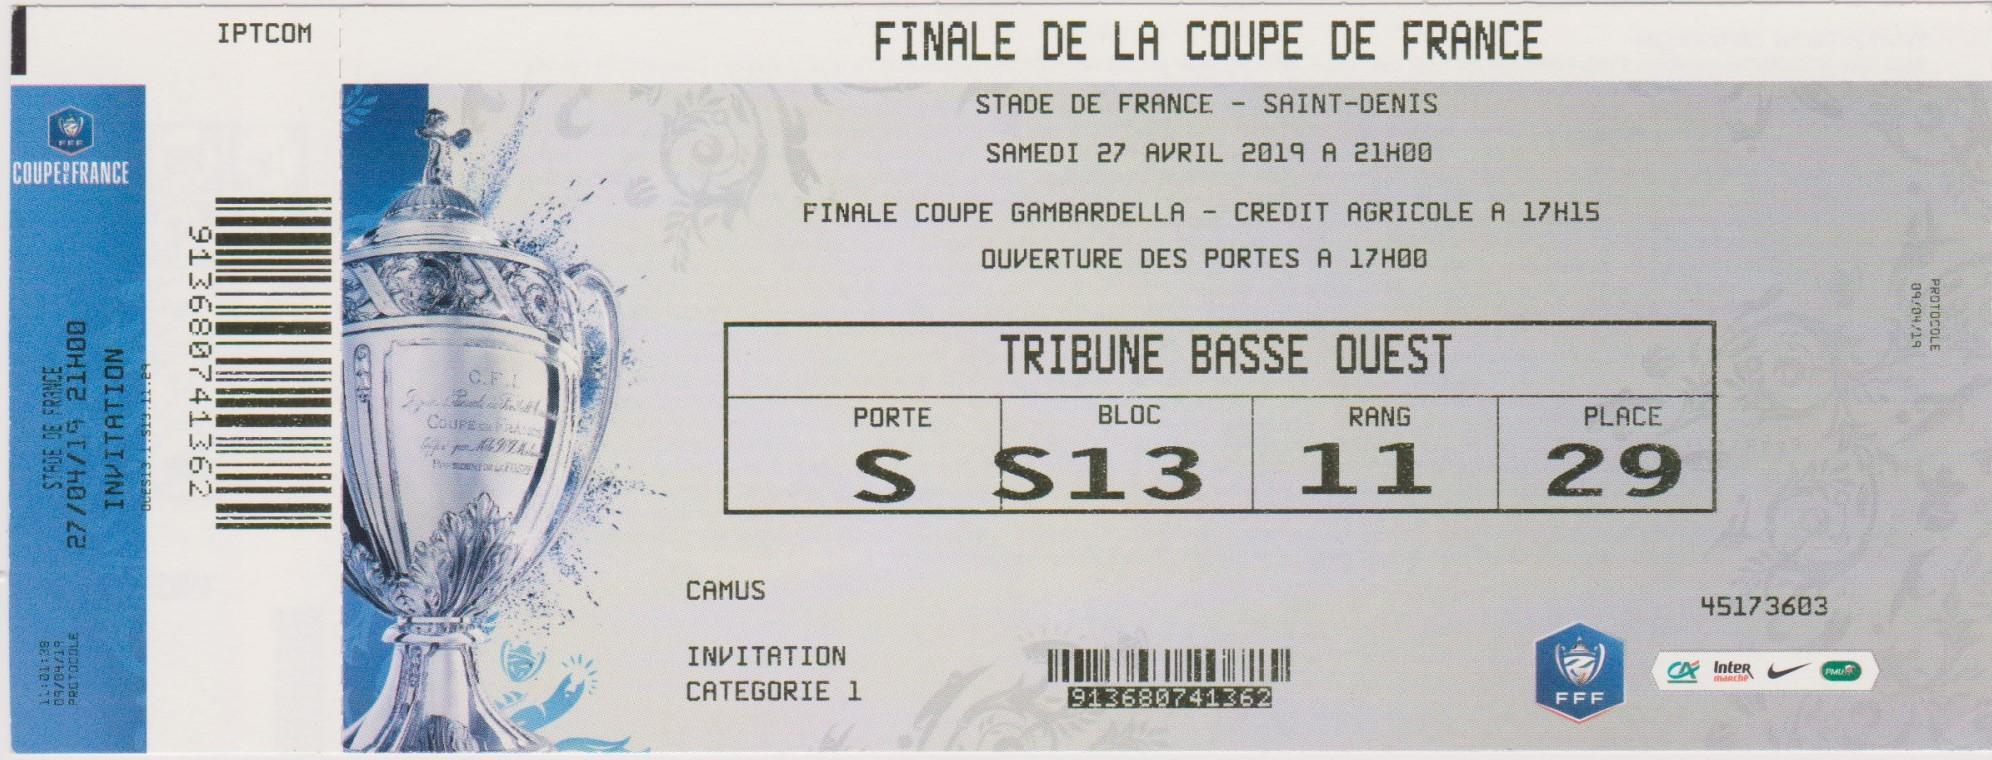 2019 : Stade Rennes bat Paris SG  2 - 2 (6-5 tab)